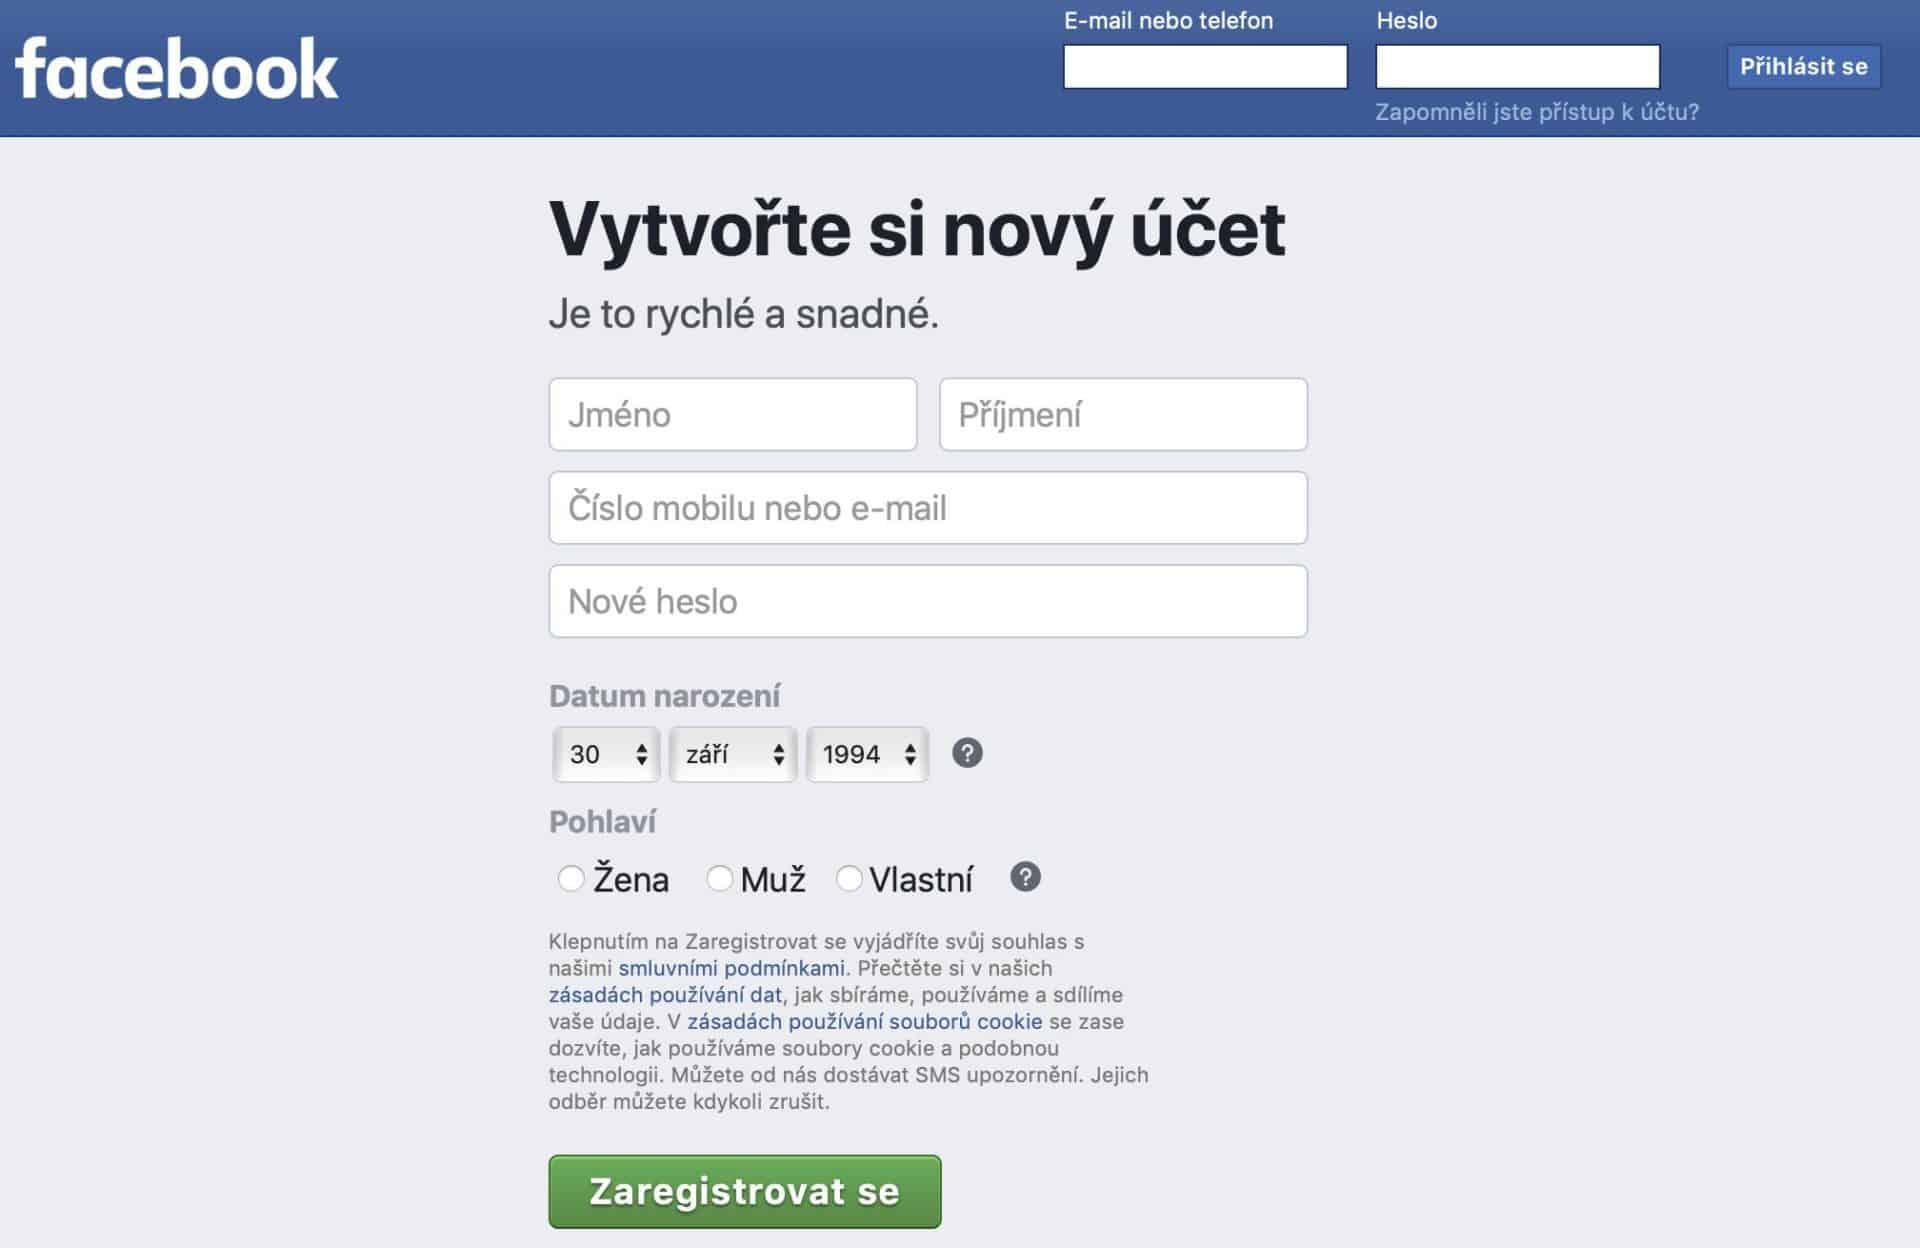 facebook registrace a prihlaseni